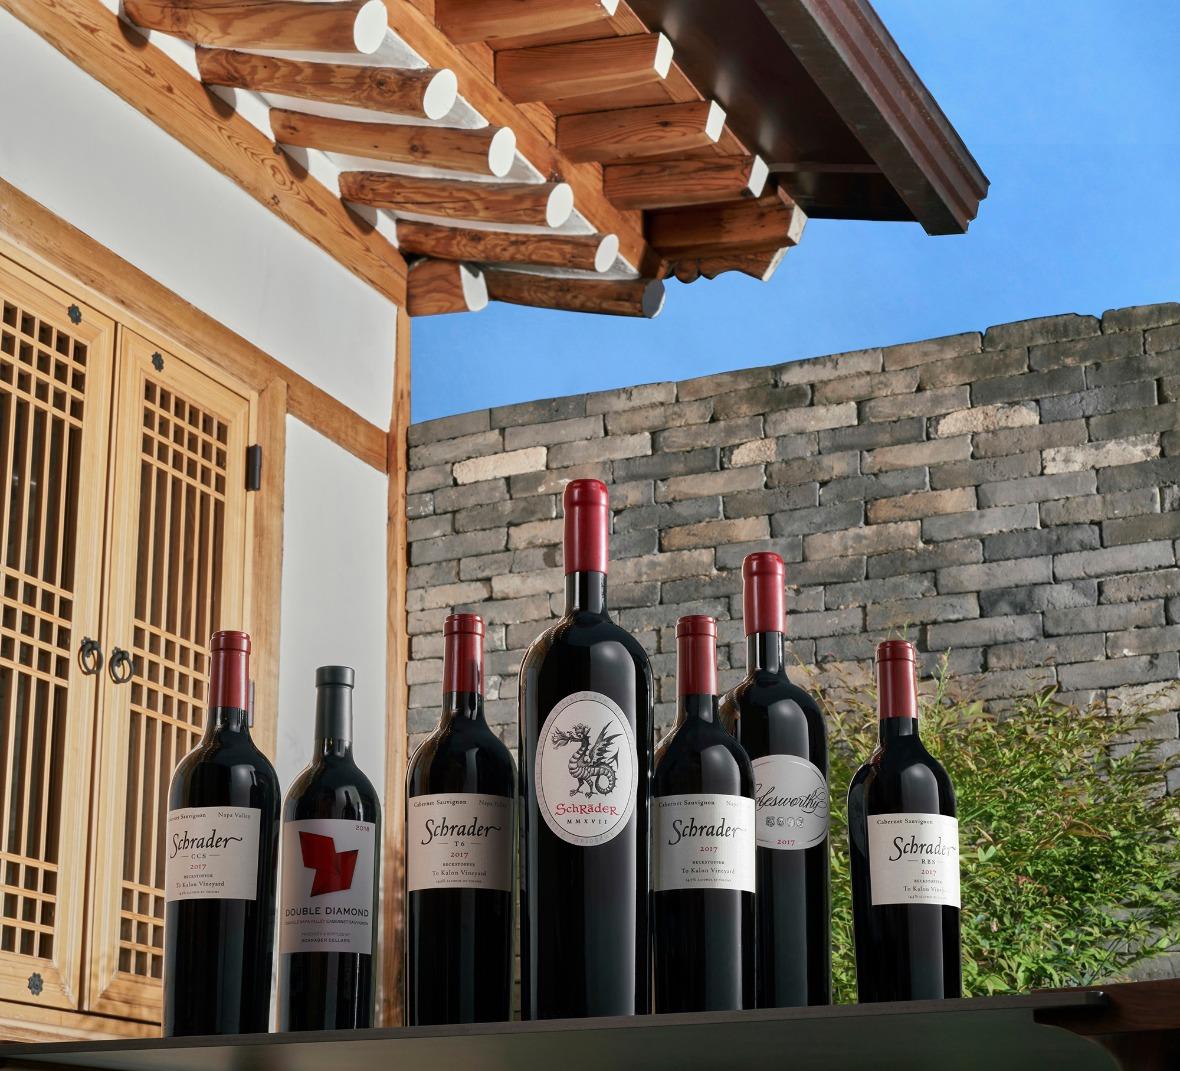 [사진자료] 나라셀라, 컬트 와인 '슈레이더 셀라스' 독점 수입 (210510).jpg